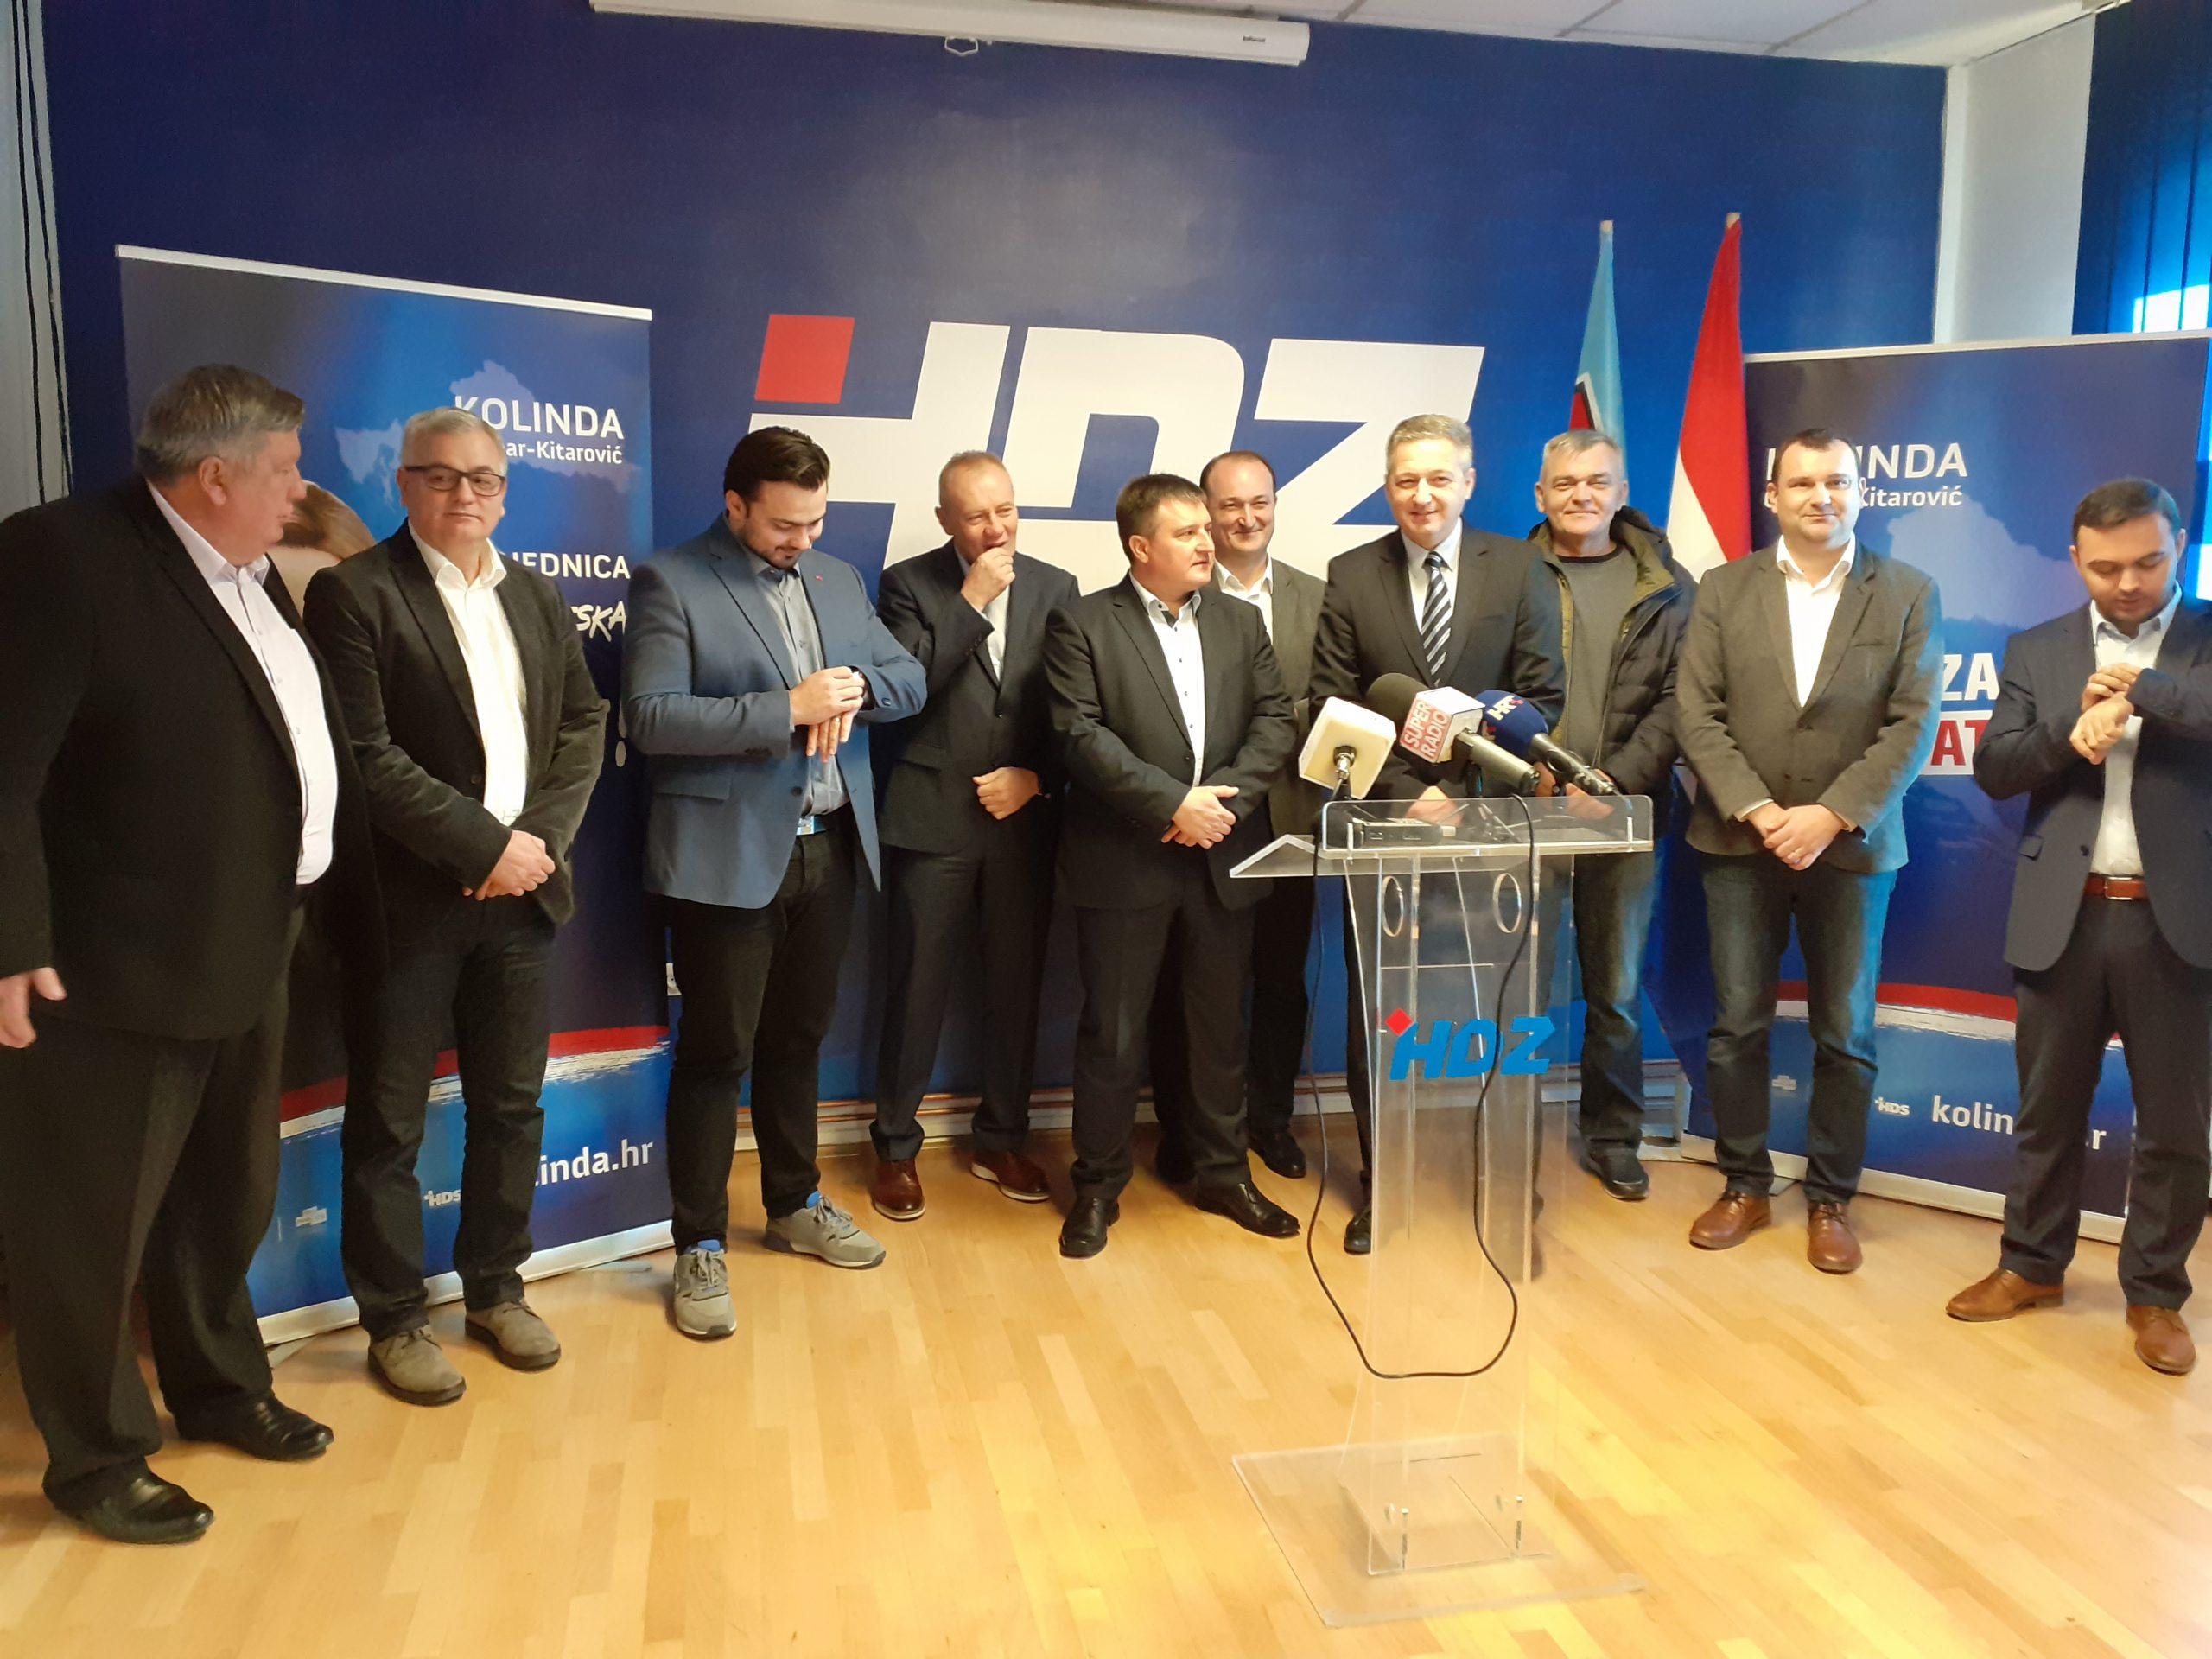 HDZ BBŽ Poruka političkim protivnicima i pobjednicima izbora